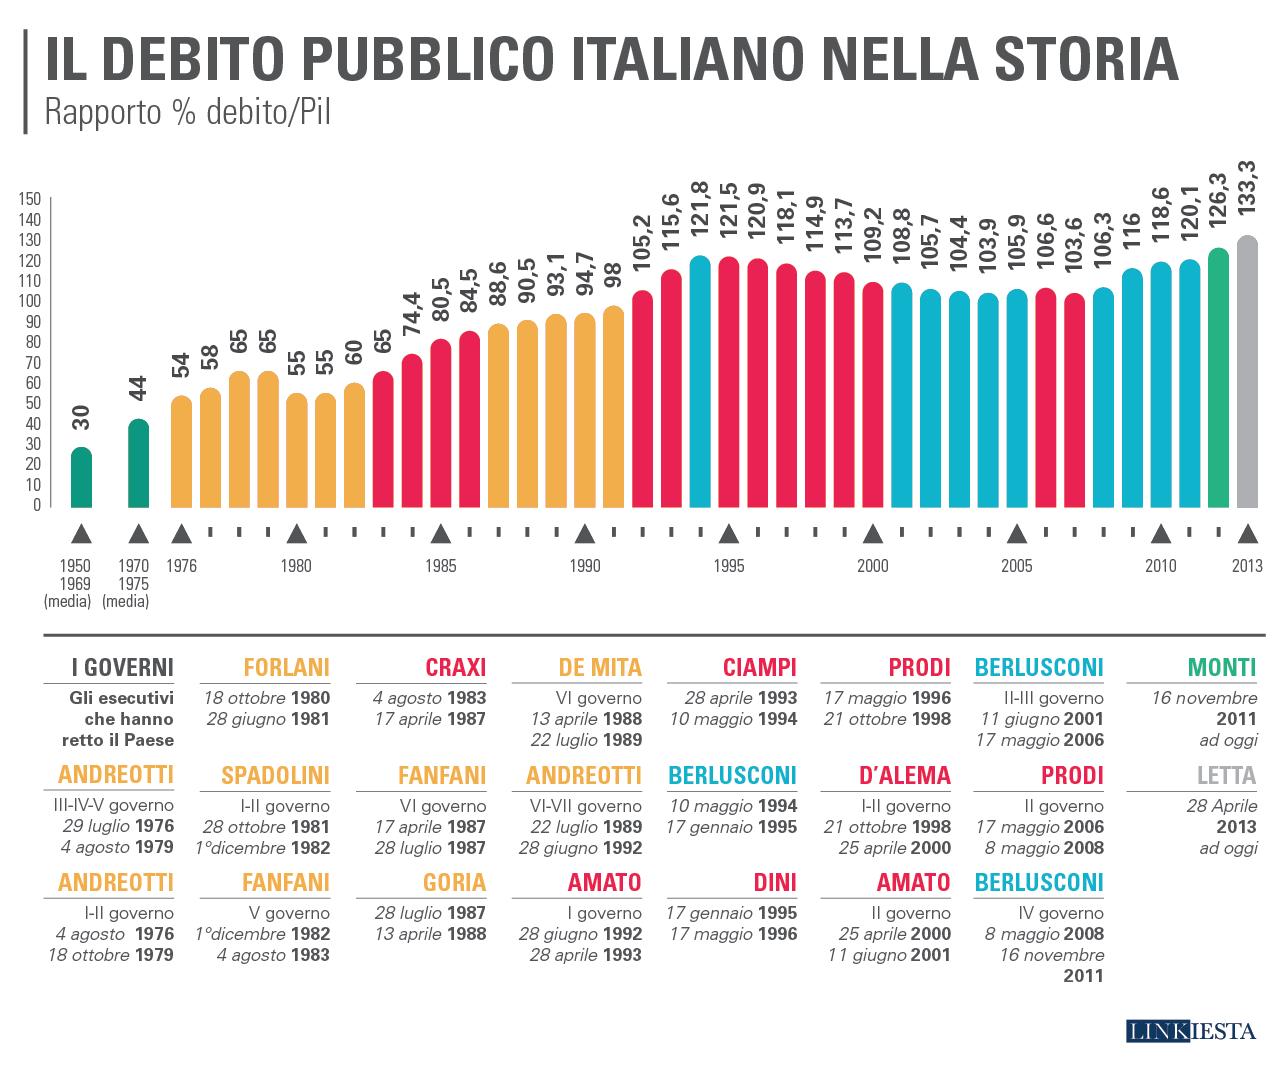 http://www.dirittiglobali.it/wp-content/uploads/2016/07/numeri-debito_pubblico_italiano.png